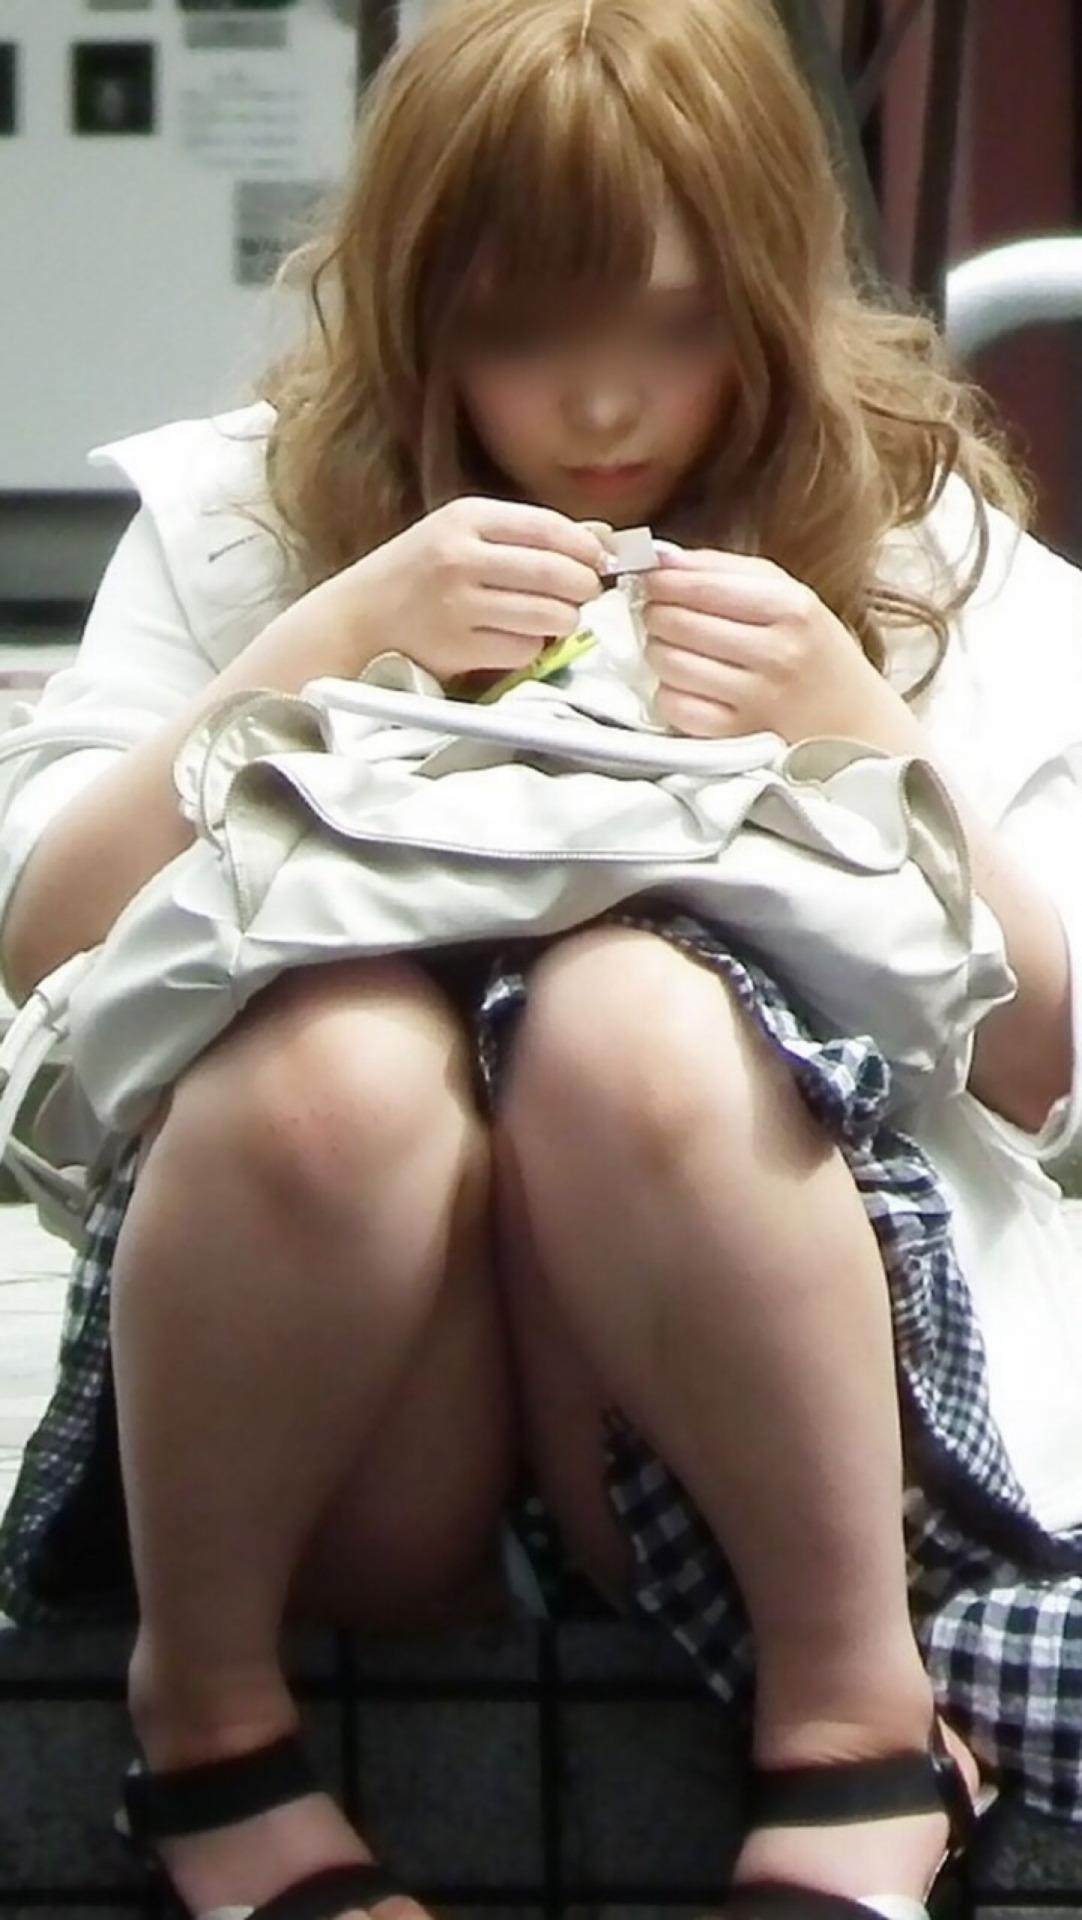 【パンチラ画像】その奥には貴重な…座ると出し惜しみのないミニスカパンチラwww 26